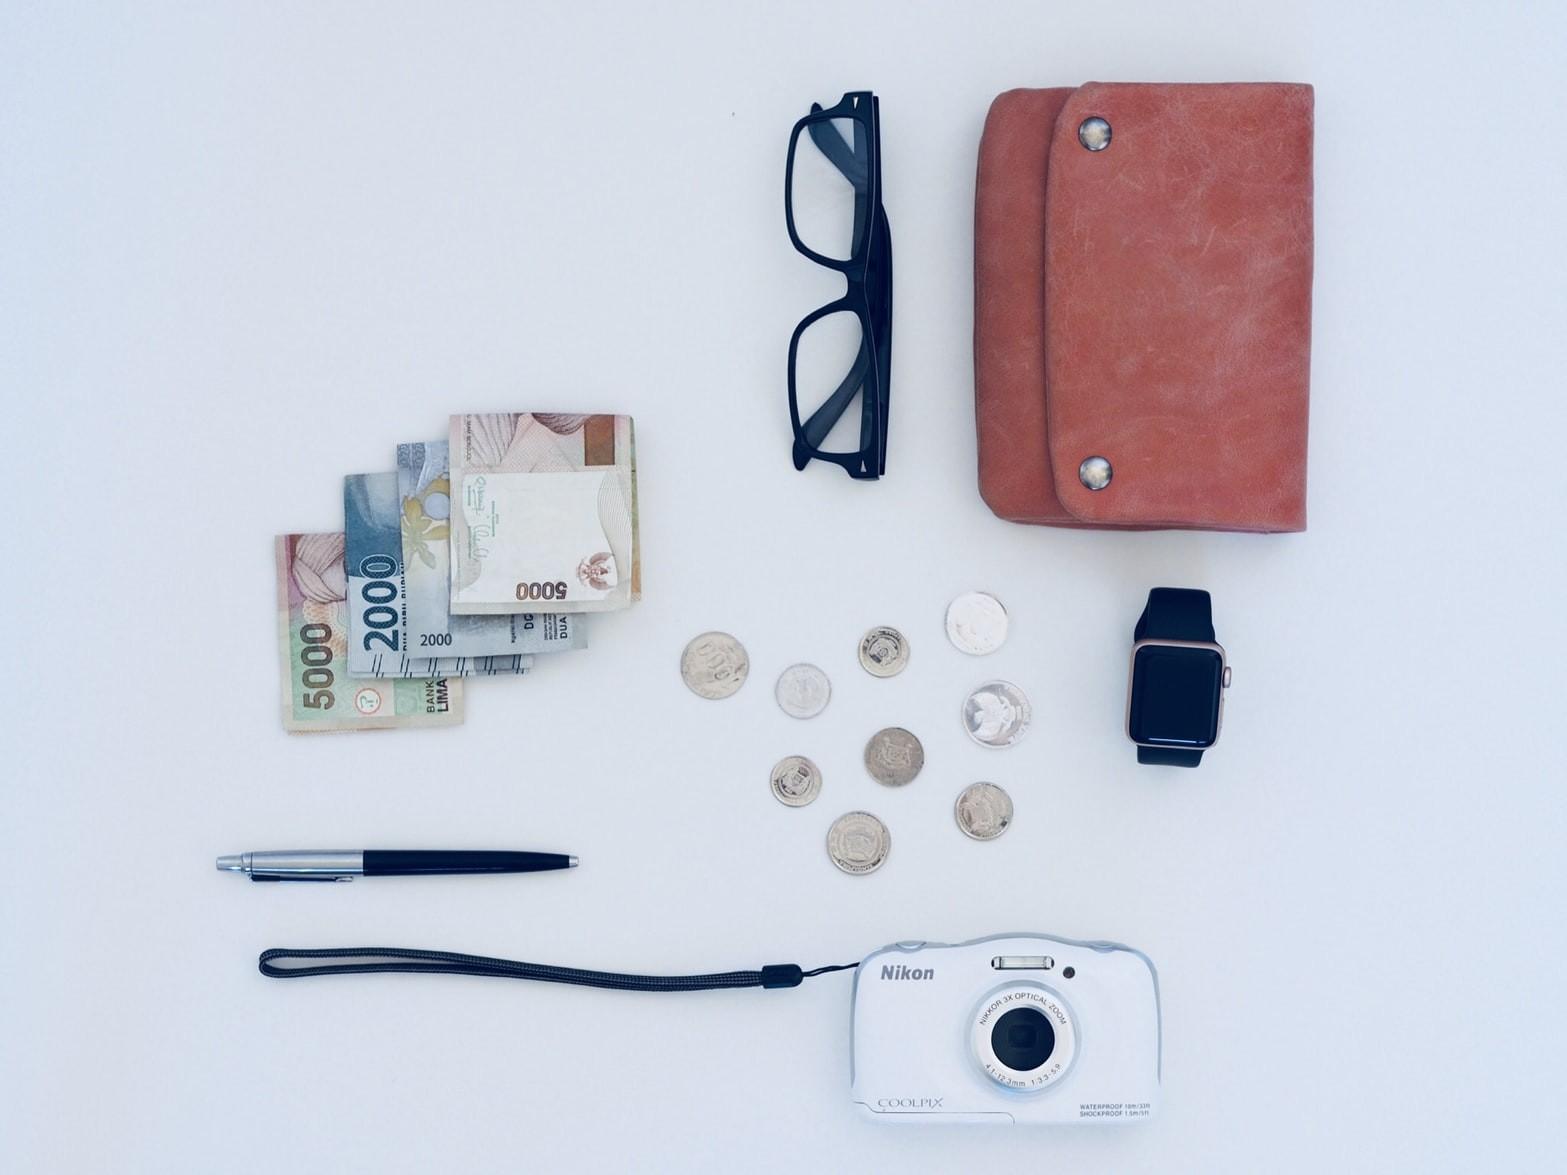 ▲錢包。(圖/翻攝自unsplash)